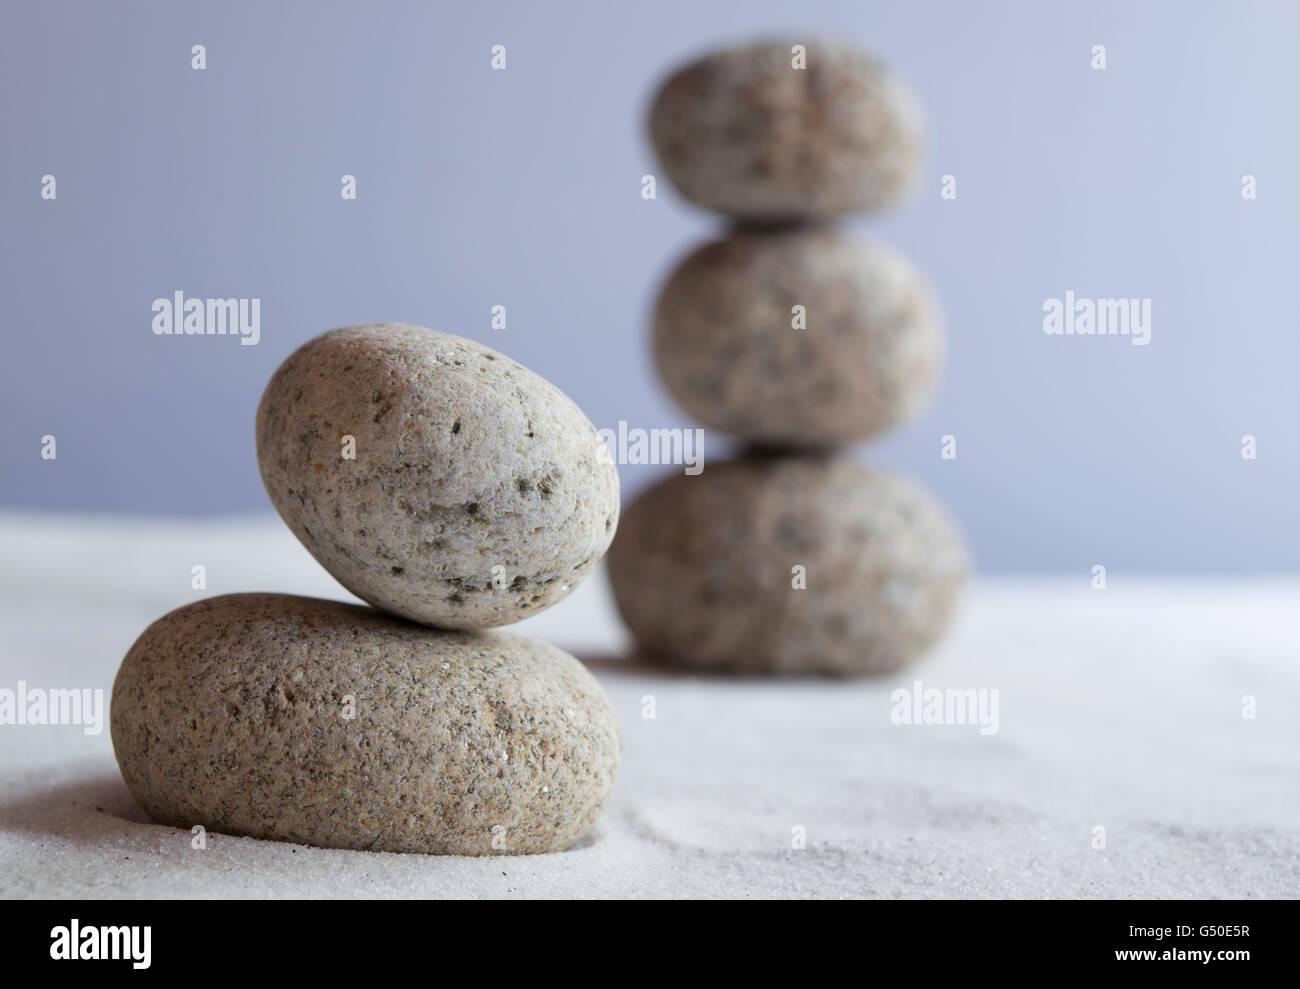 Piedras en equilibrio meditativo sobre arena blanca Imagen De Stock